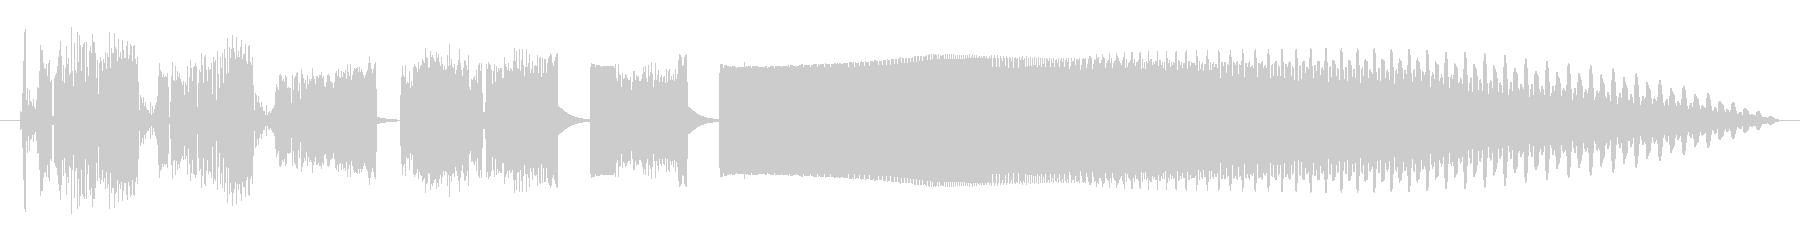 Electrozapperスワイプ5の未再生の波形